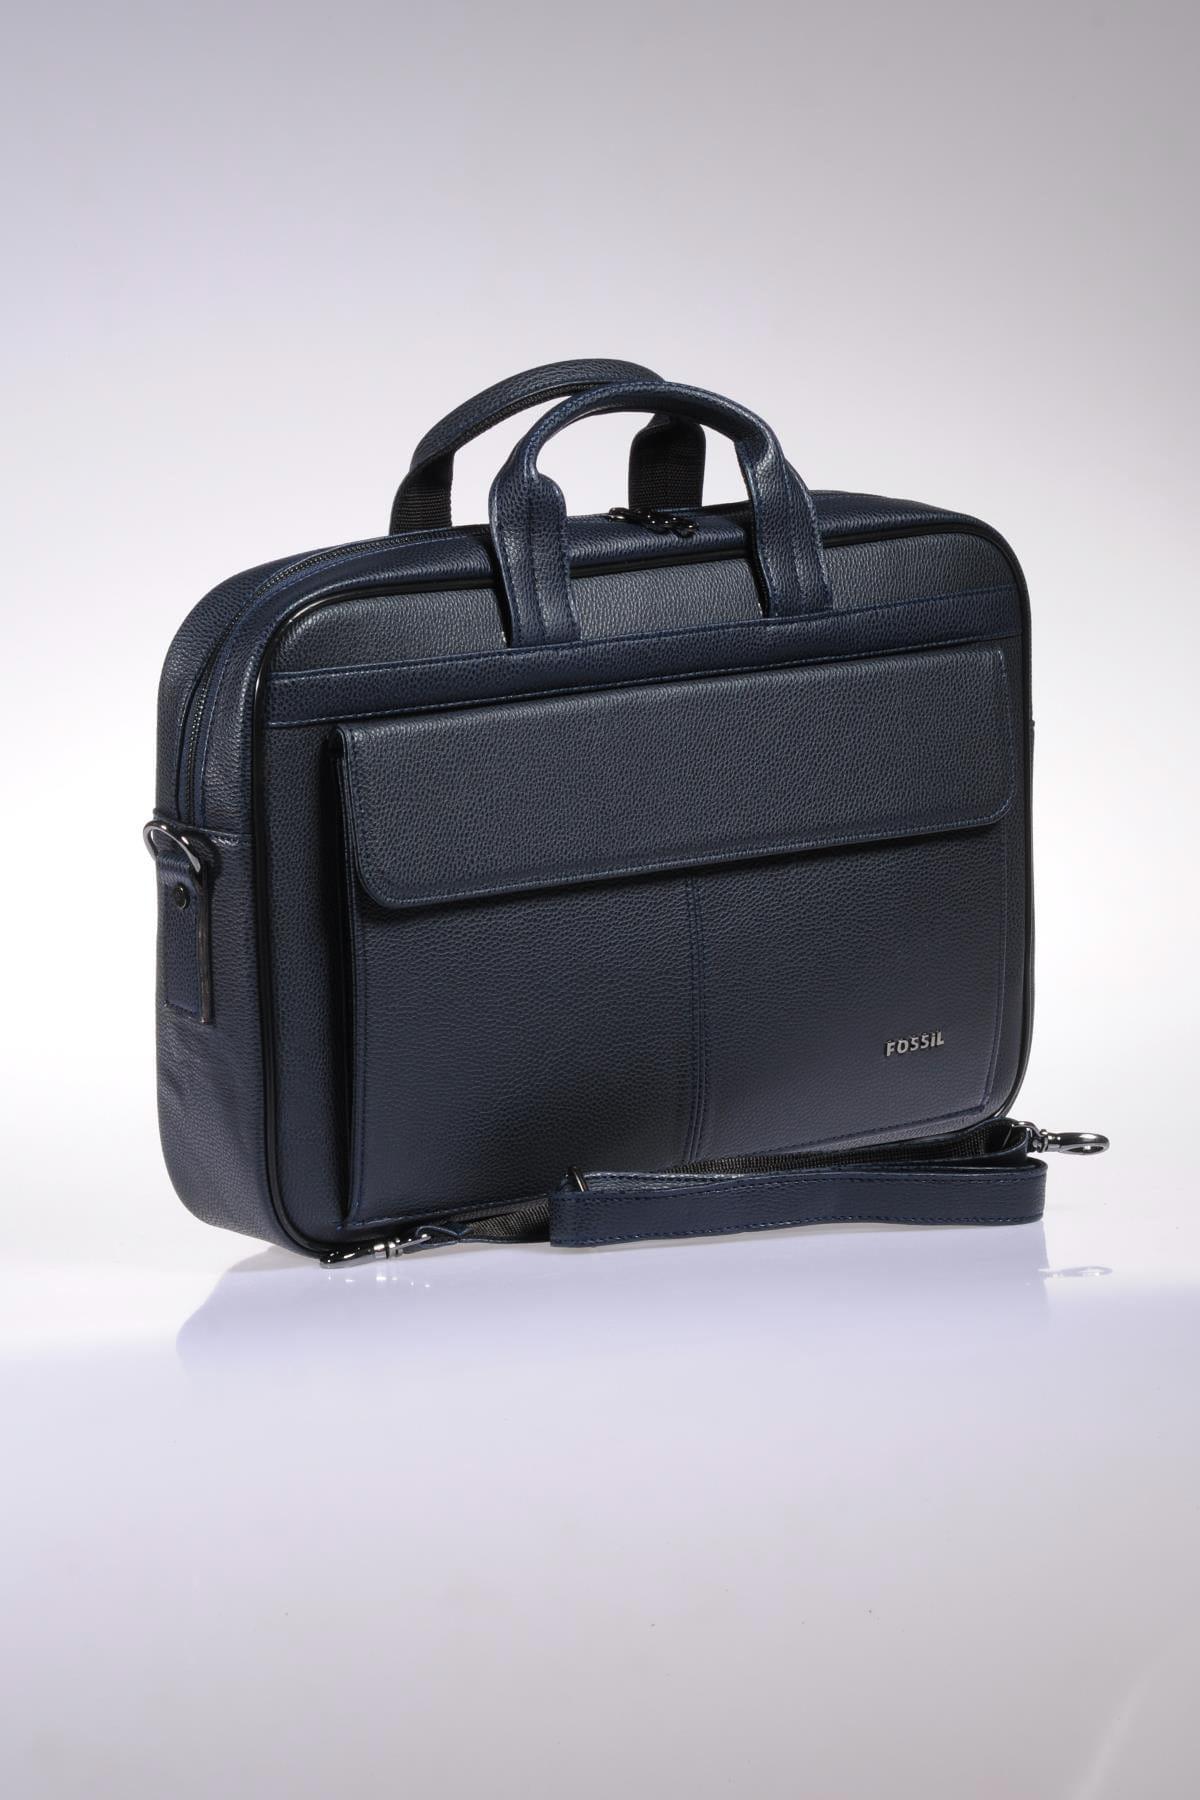 Fossil Lacivert Unisex Laptop & Evrak Çantası 8690027118073 2